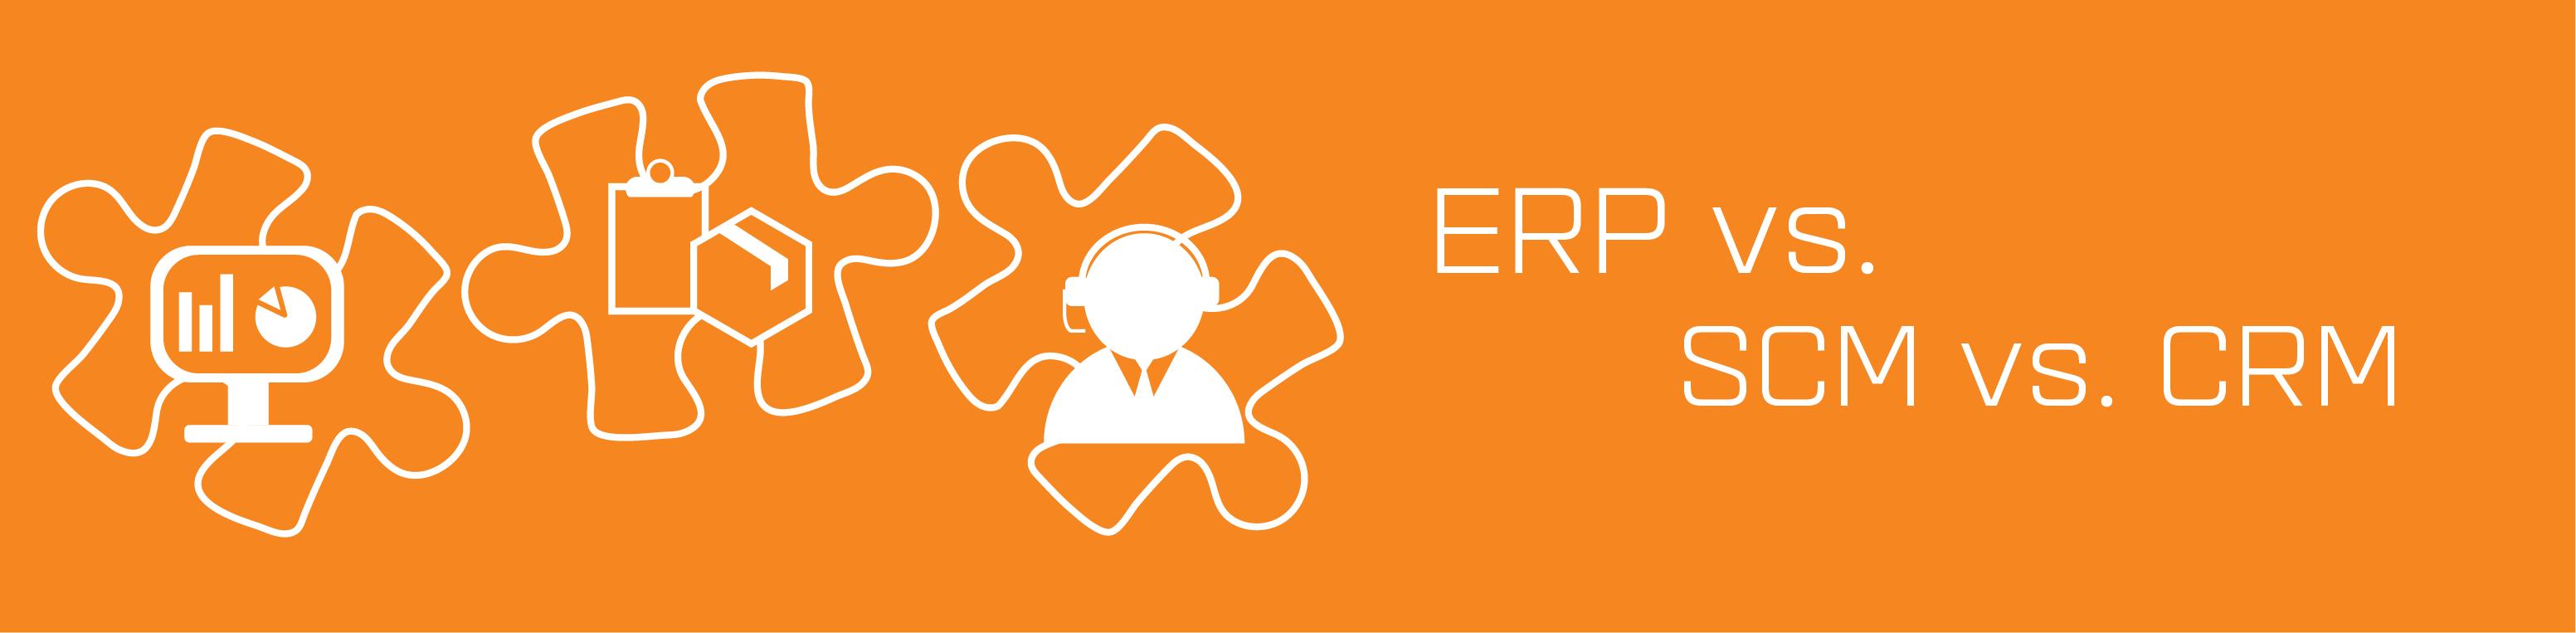 ERP vs. SCM vs. CRM blog